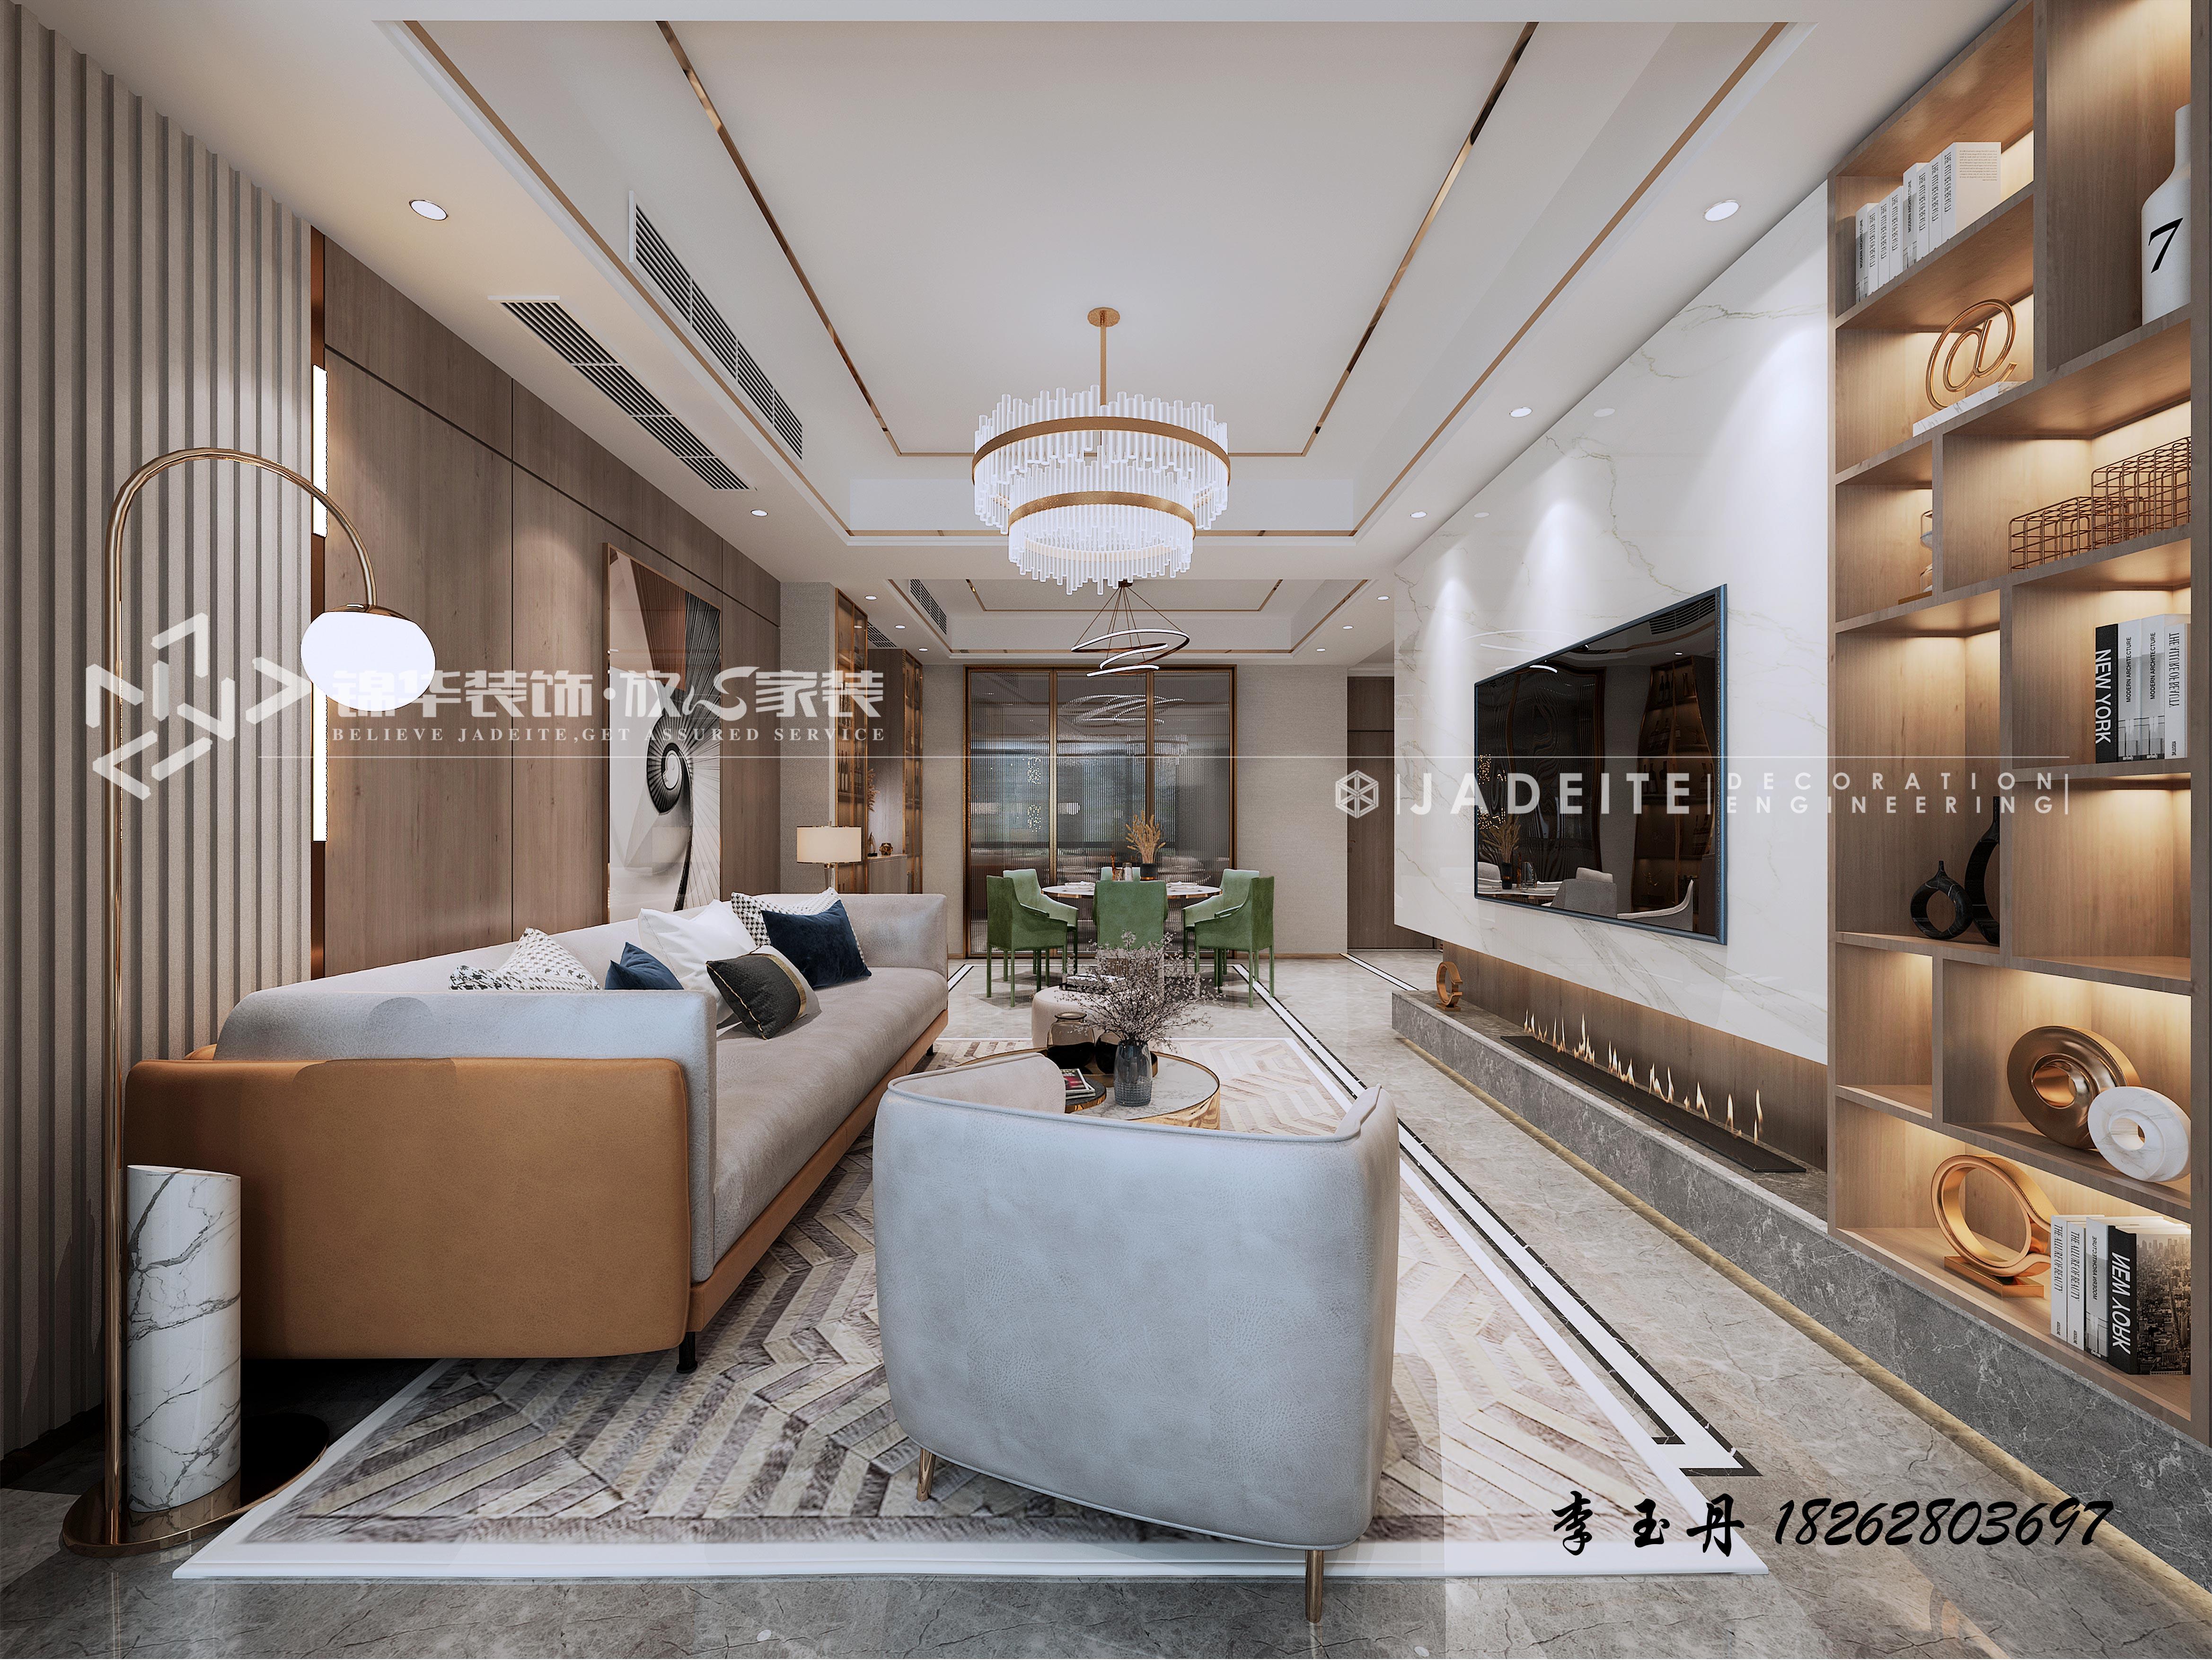 碧桂园凤城府-中叠-现代轻奢风格-装修效果图